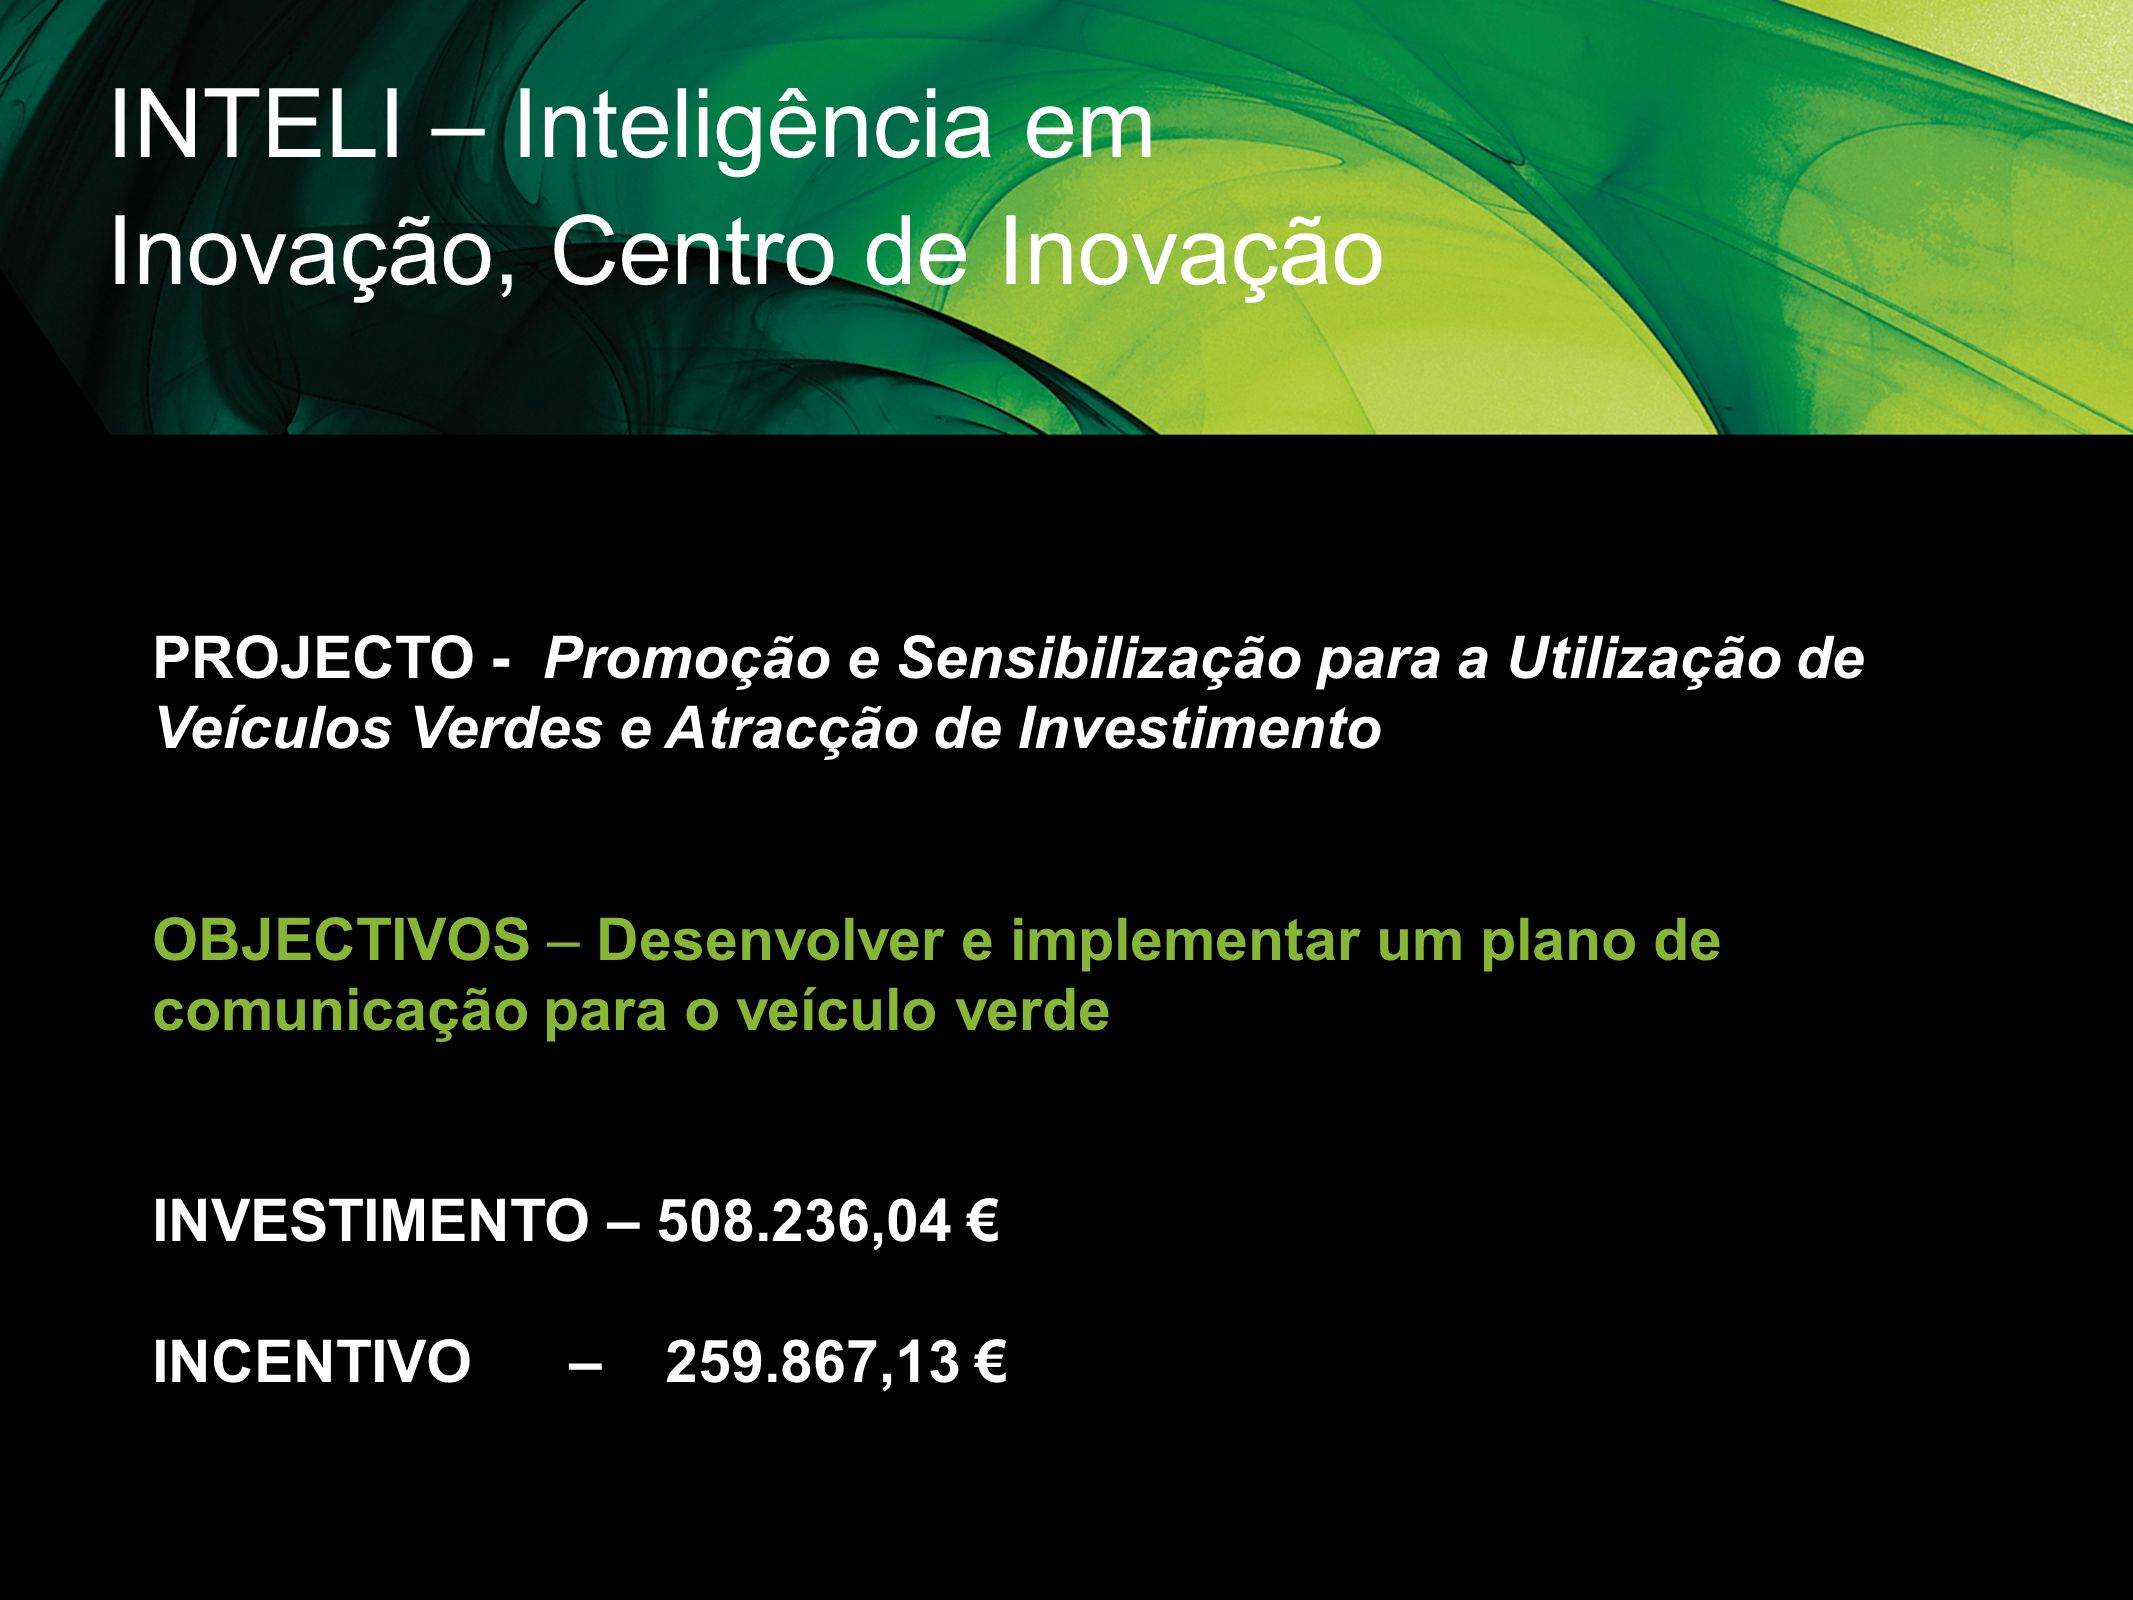 INTELI – Inteligência em Inovação, Centro de Inovação